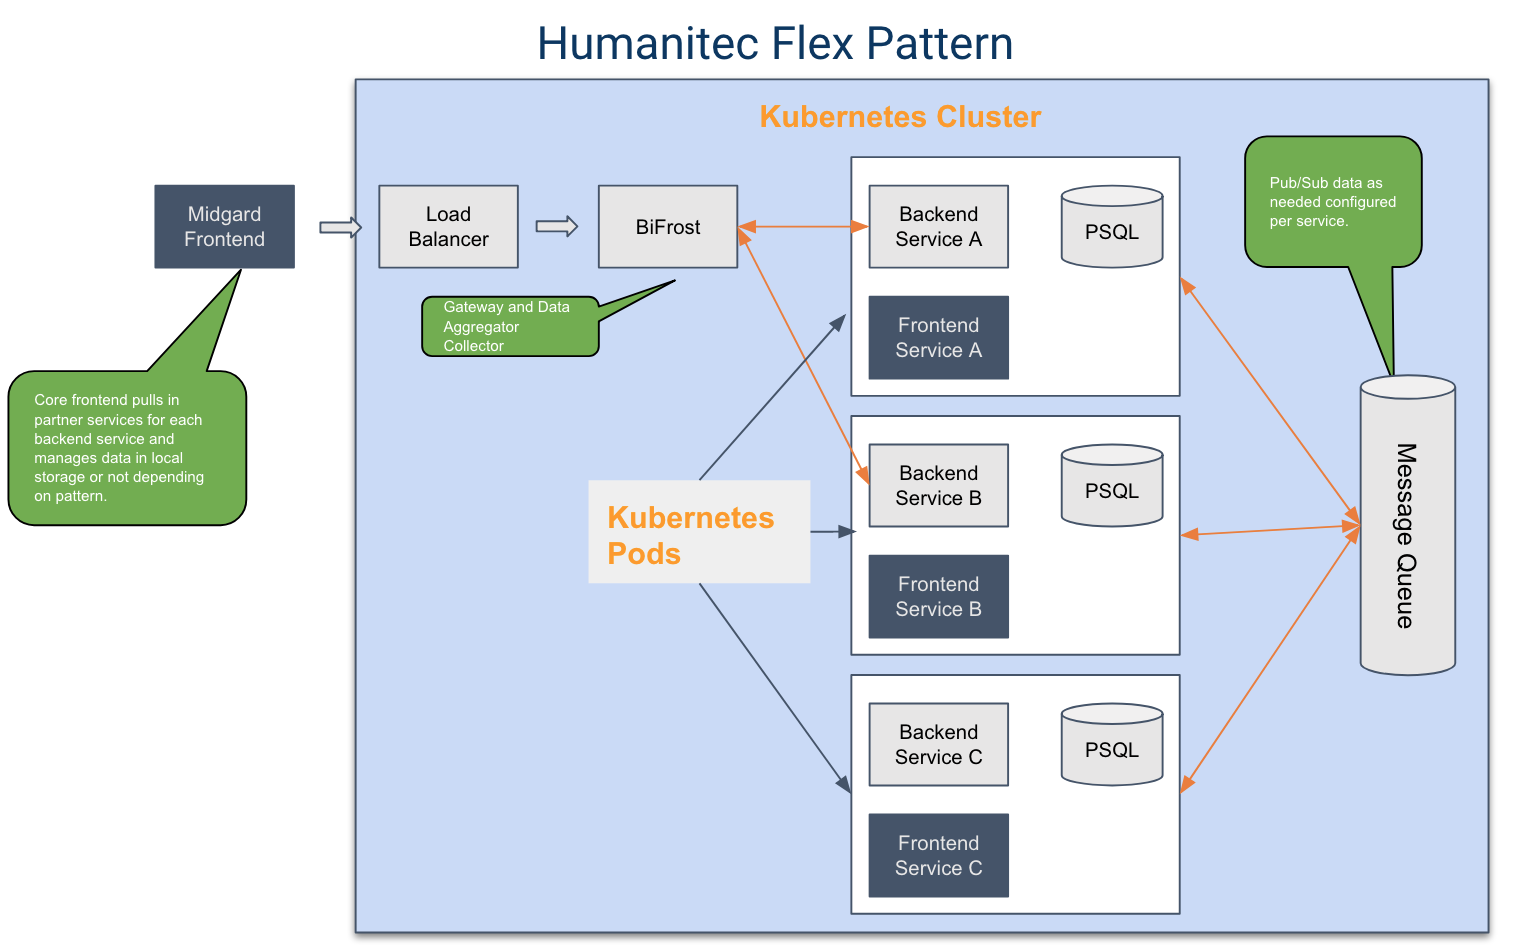 Humanitec BiFrost Flex Pattern